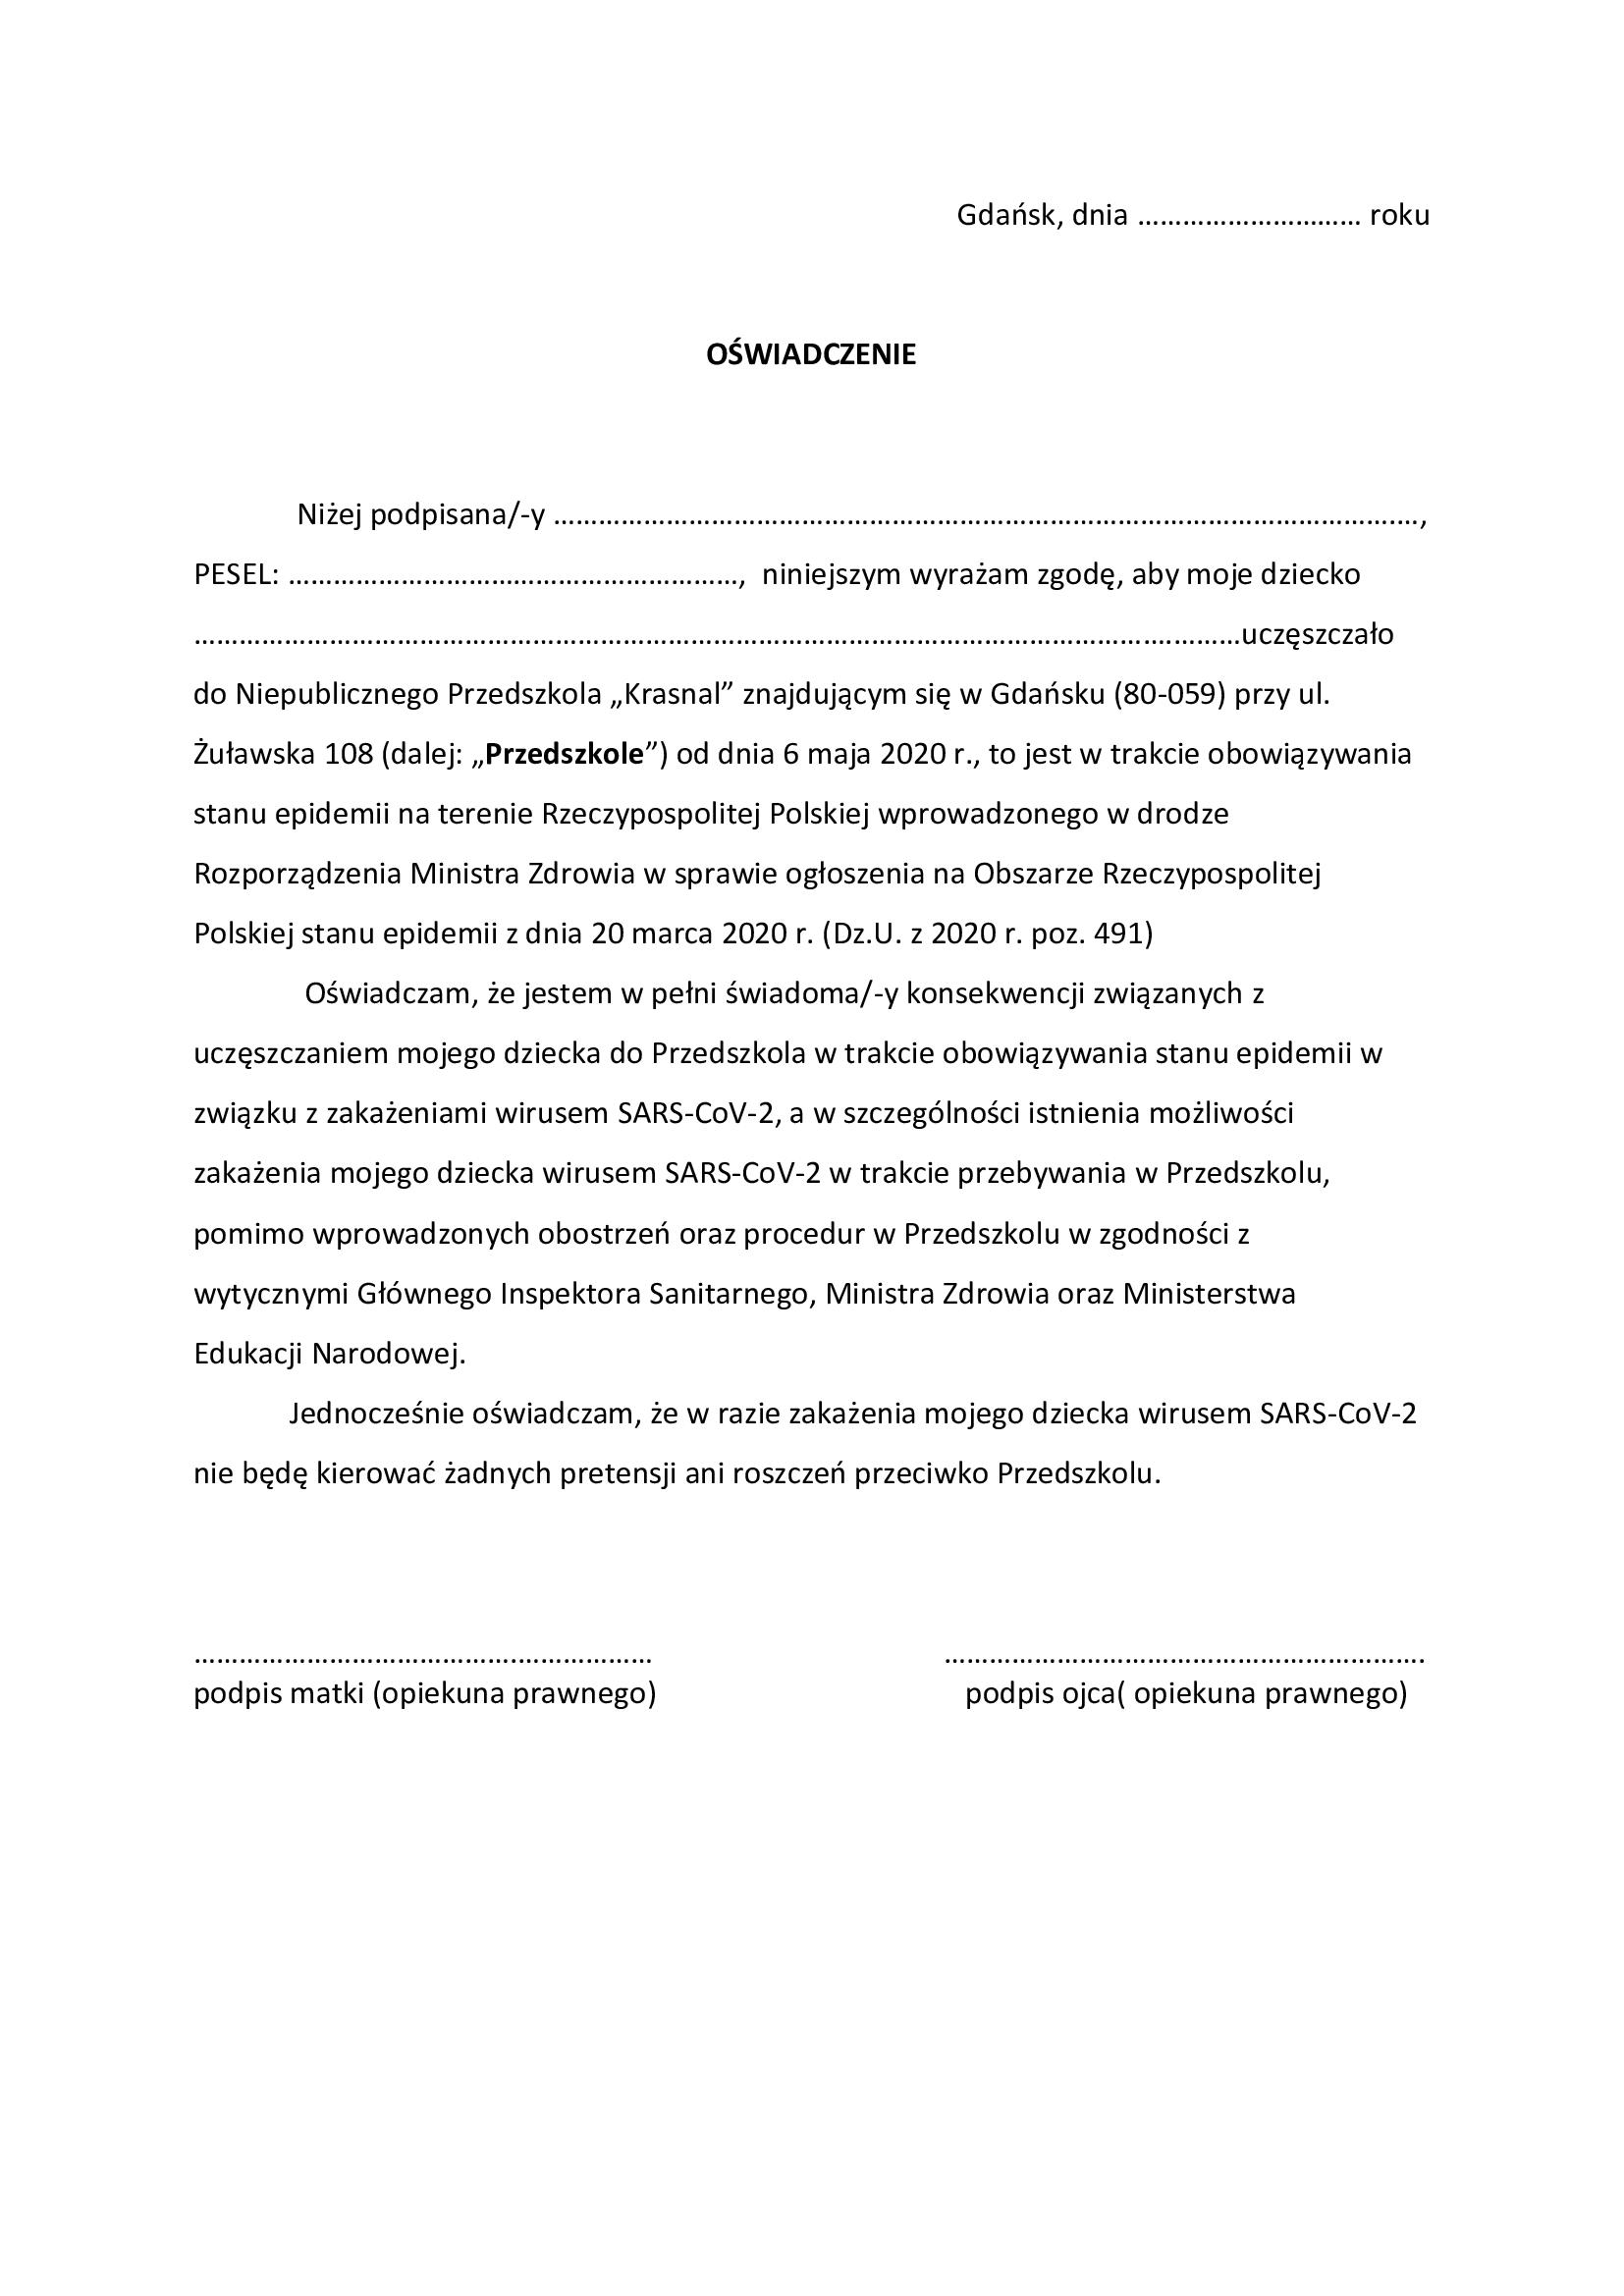 ZASADY OBOWIĄZUJĄCE W CZASIE ZAGROŻENIA EPIDEMICZNEGO CZ.2